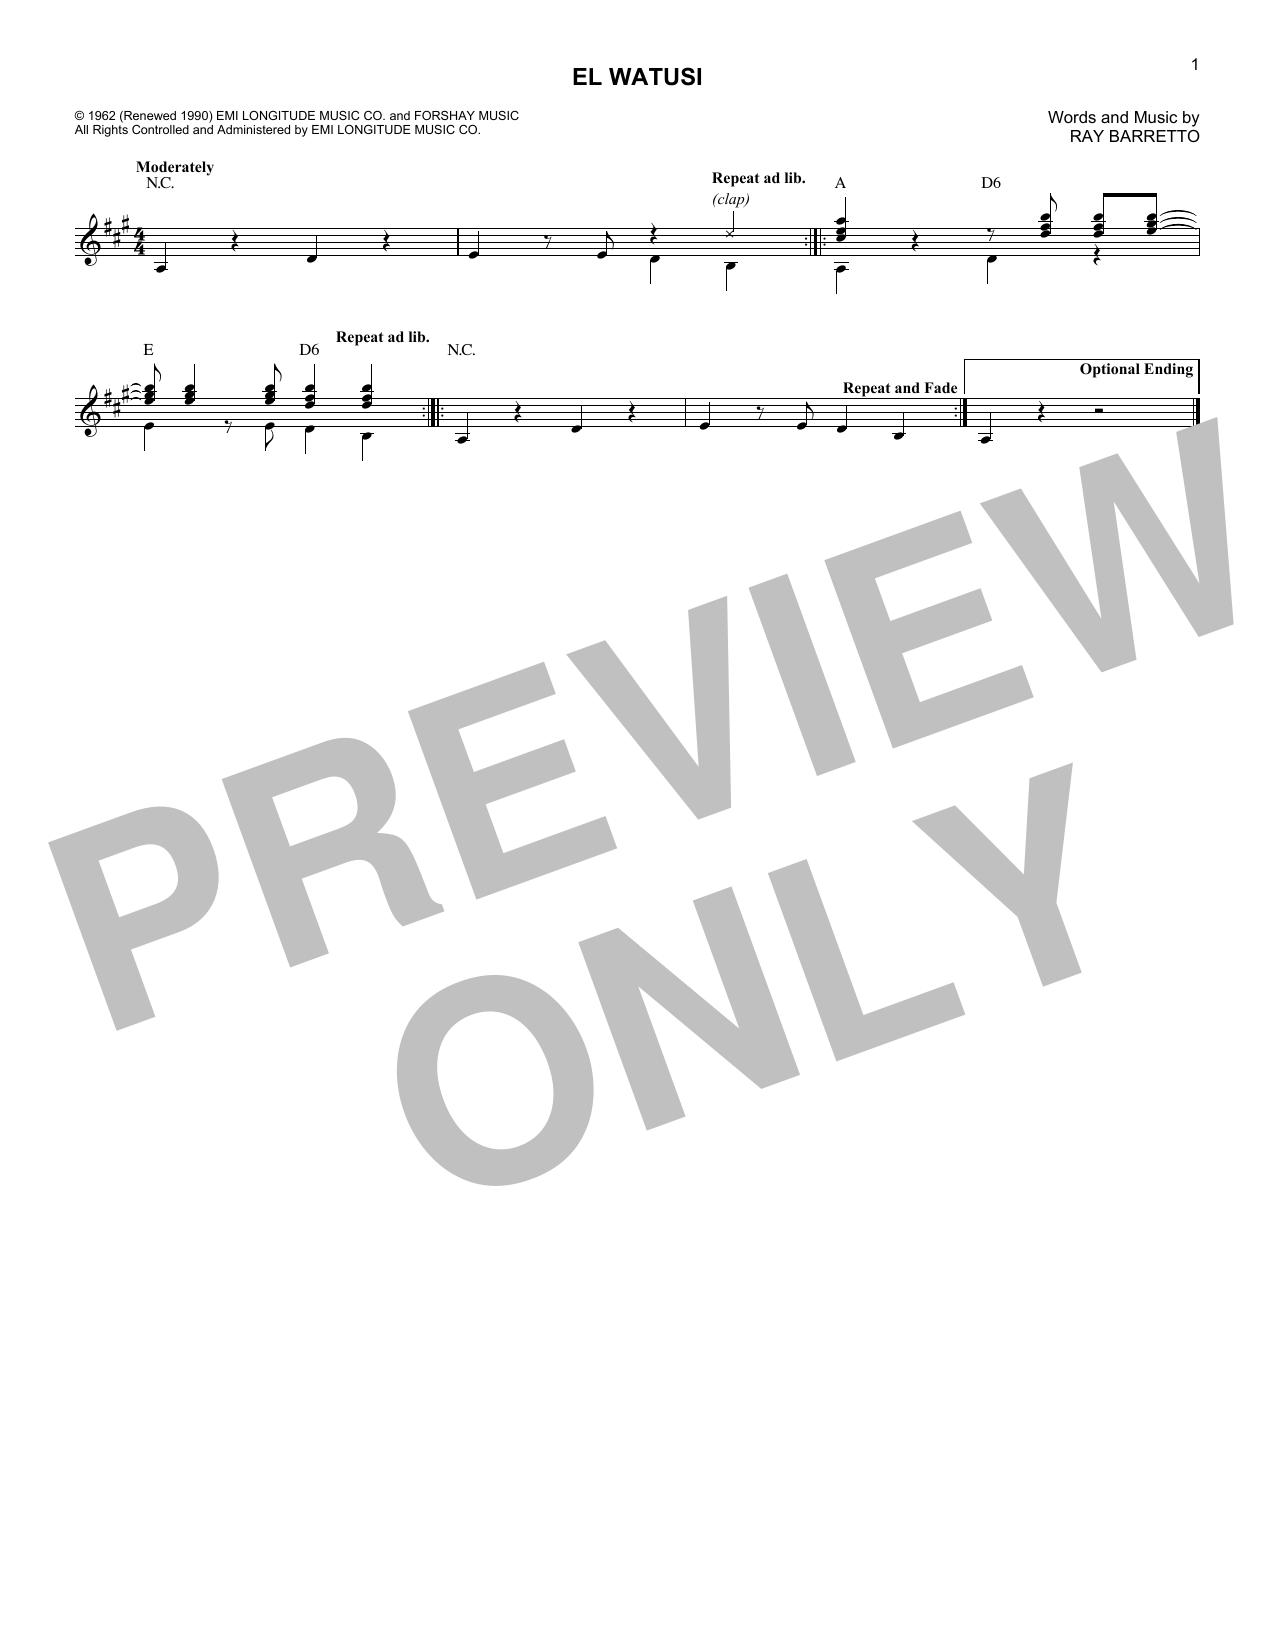 Ray Barretto El Watusi sheet music notes and chords. Download Printable PDF.